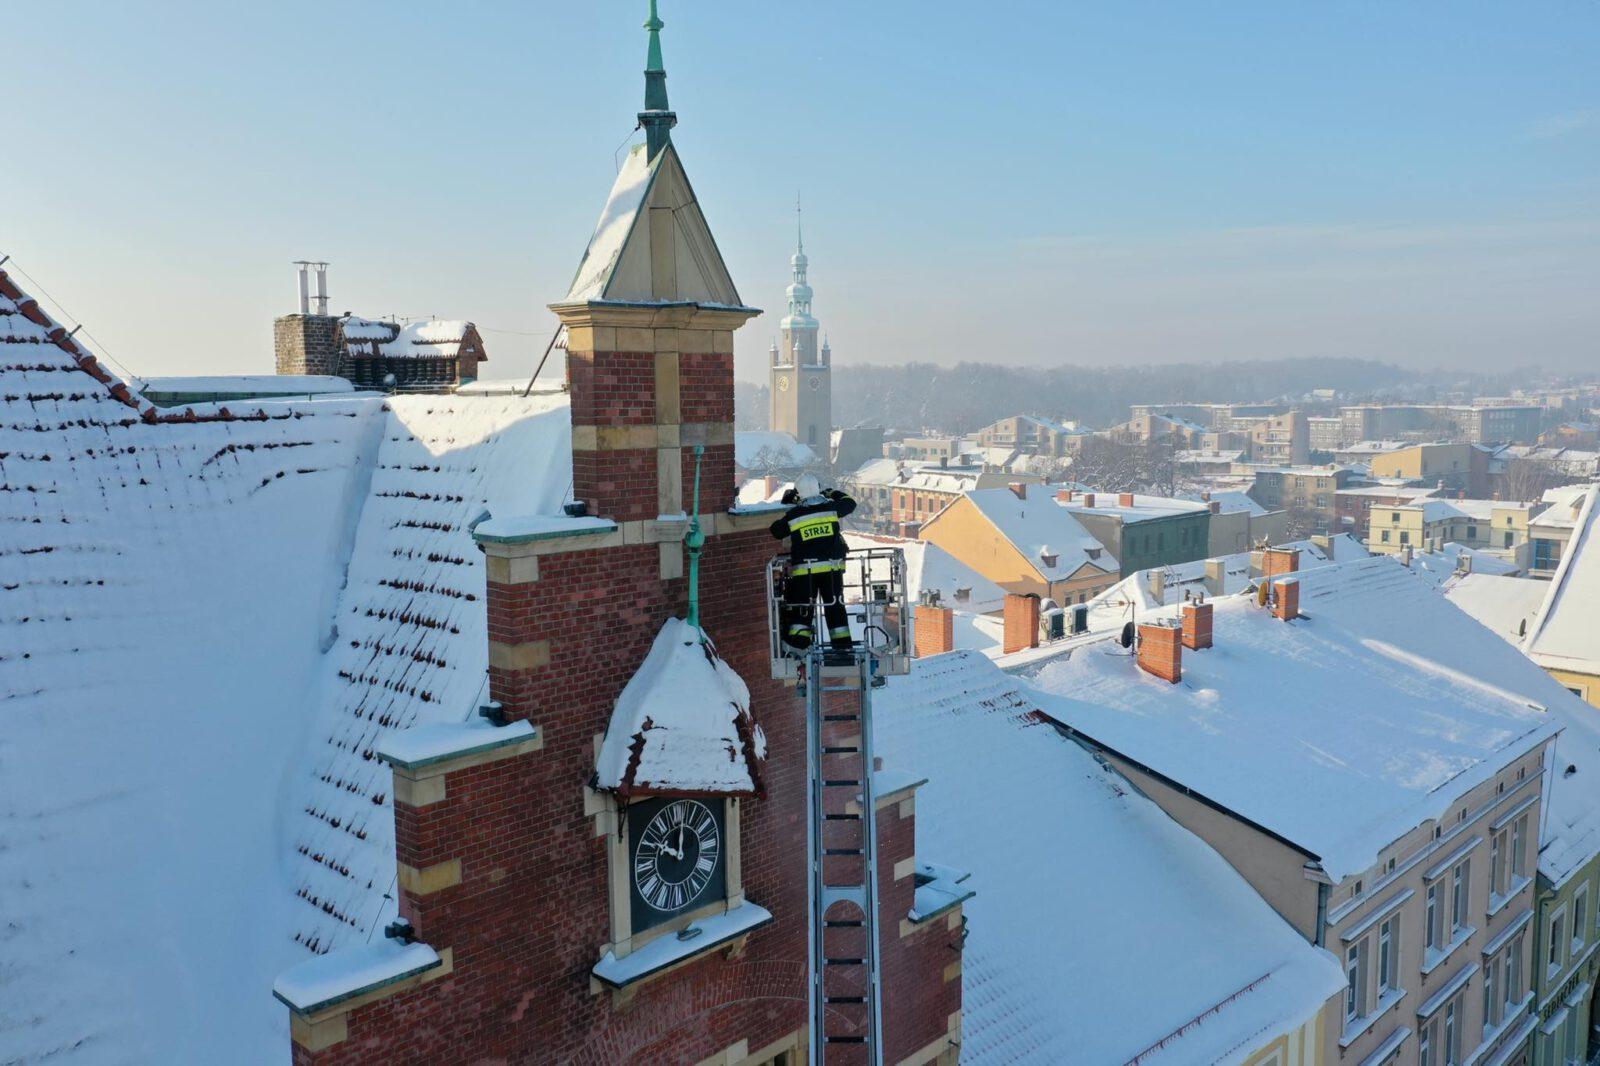 Odśnieżanie dachu Ratusza